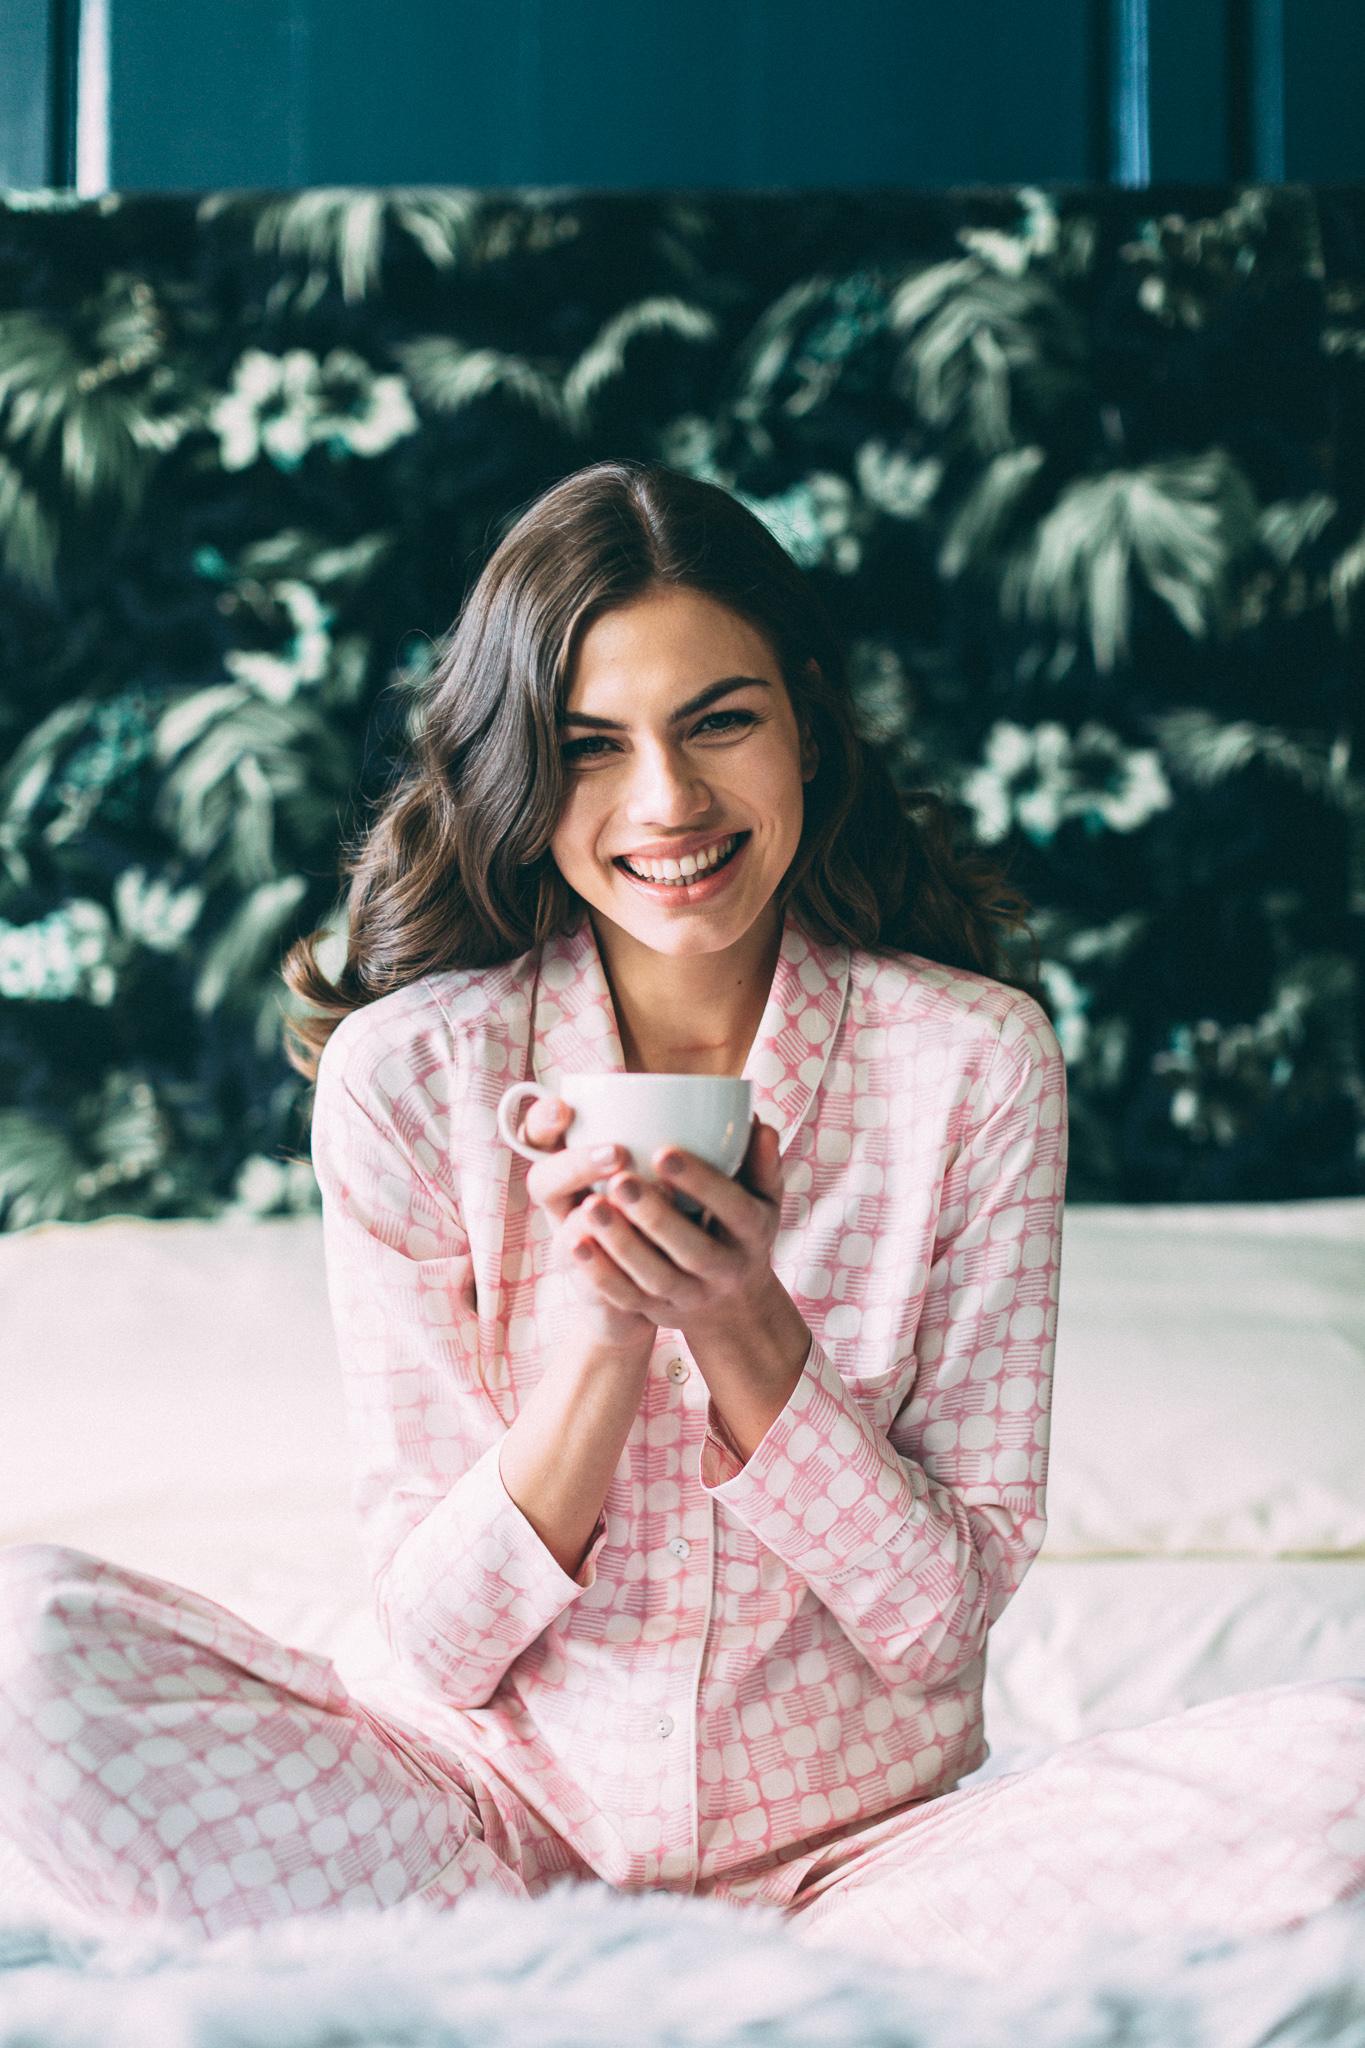 Mulberry silk pajamas